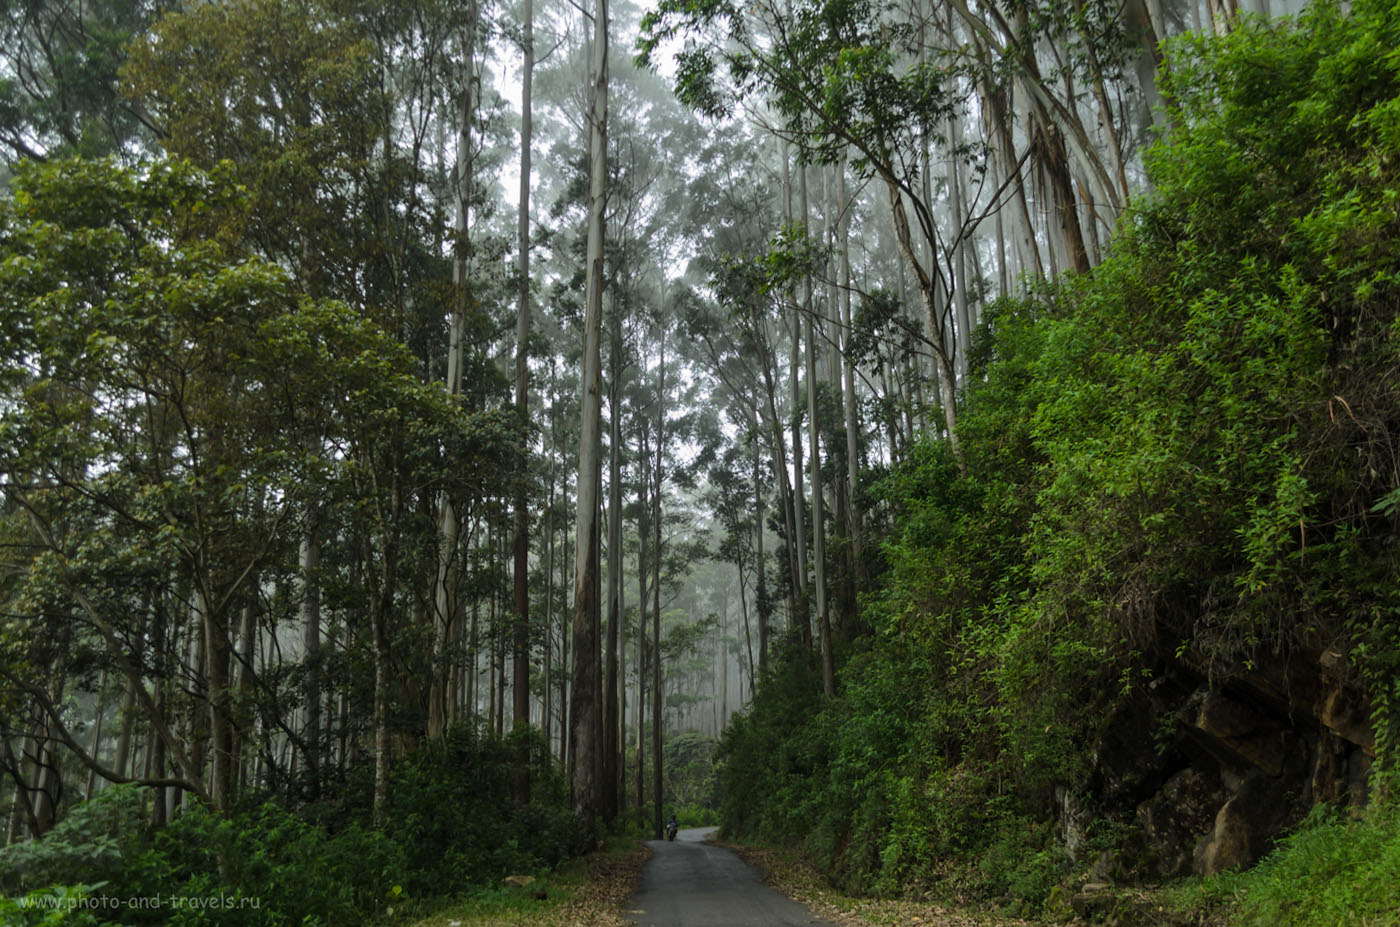 Фото 14. Отзывы туристов о самостоятельной экскурсии в национальный парк Хортон Плейнс (Horton Plains National Park). Отдых на Шри-Ланке самостоятельно. Поездка на машине в деревню Наллатанния для восхождения на Пик Адама.